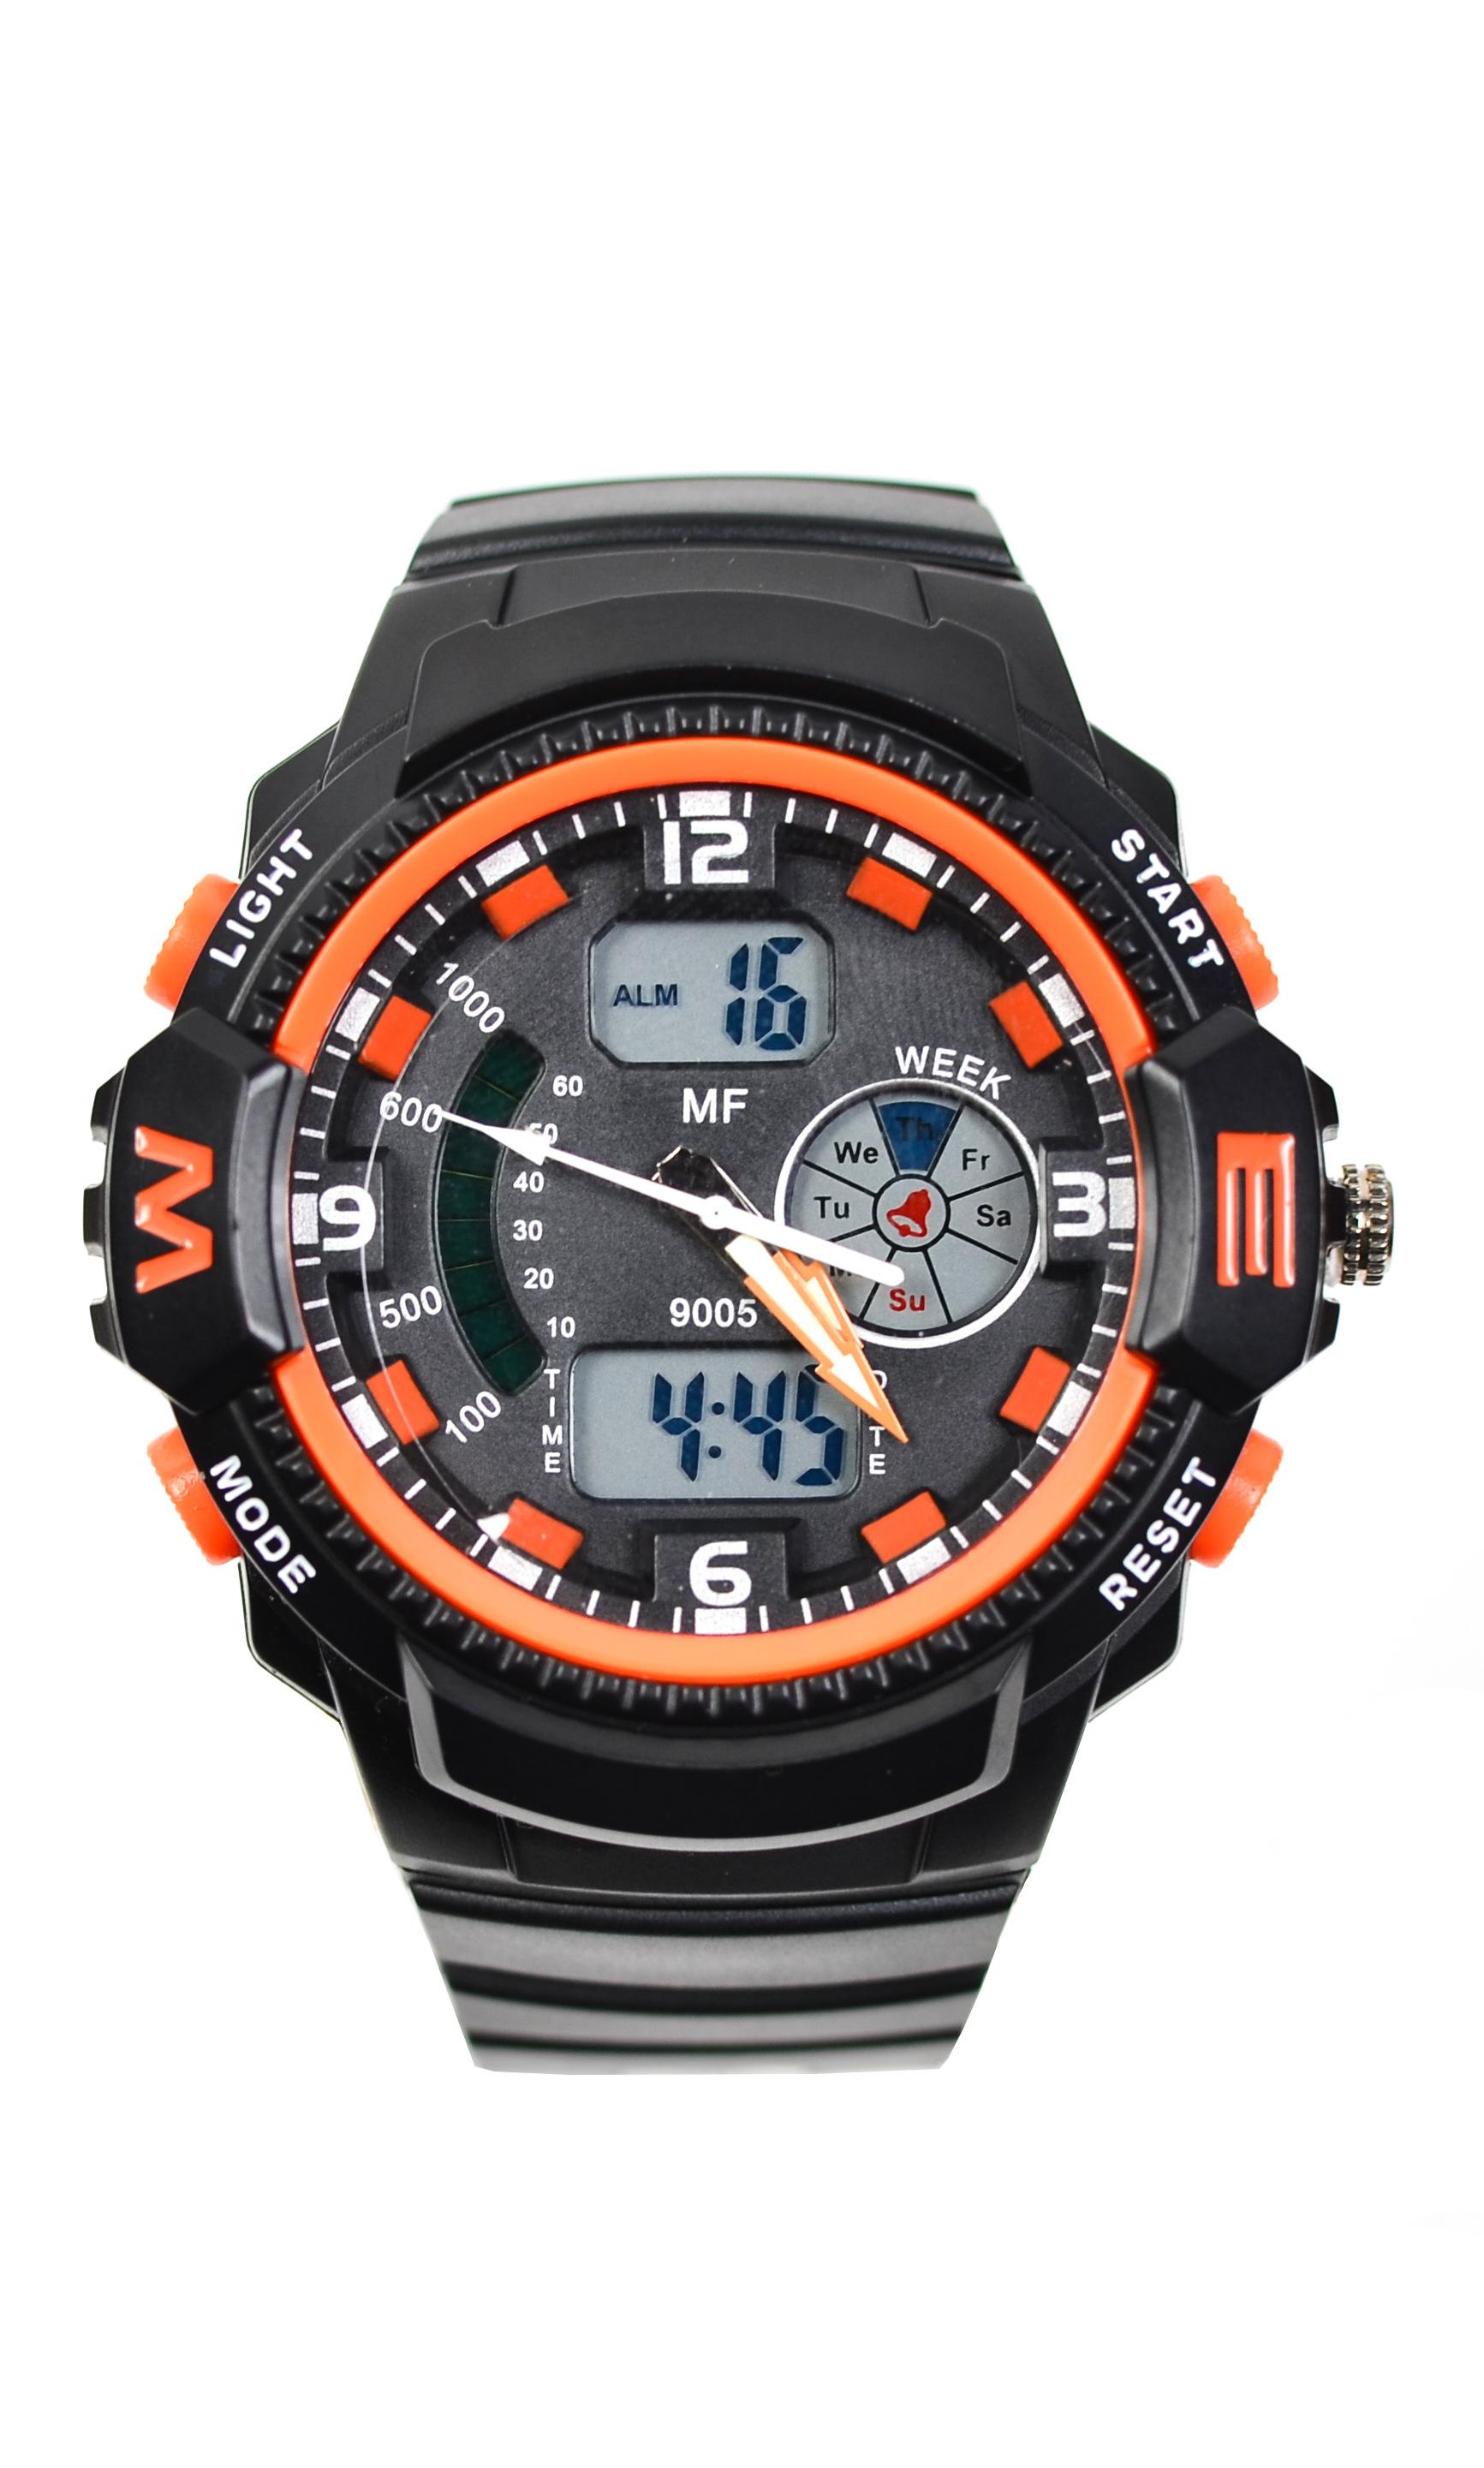 Ceas de mana barbati sport, cu sistem digitalanalog, negru cu portocaliu - MF9005T